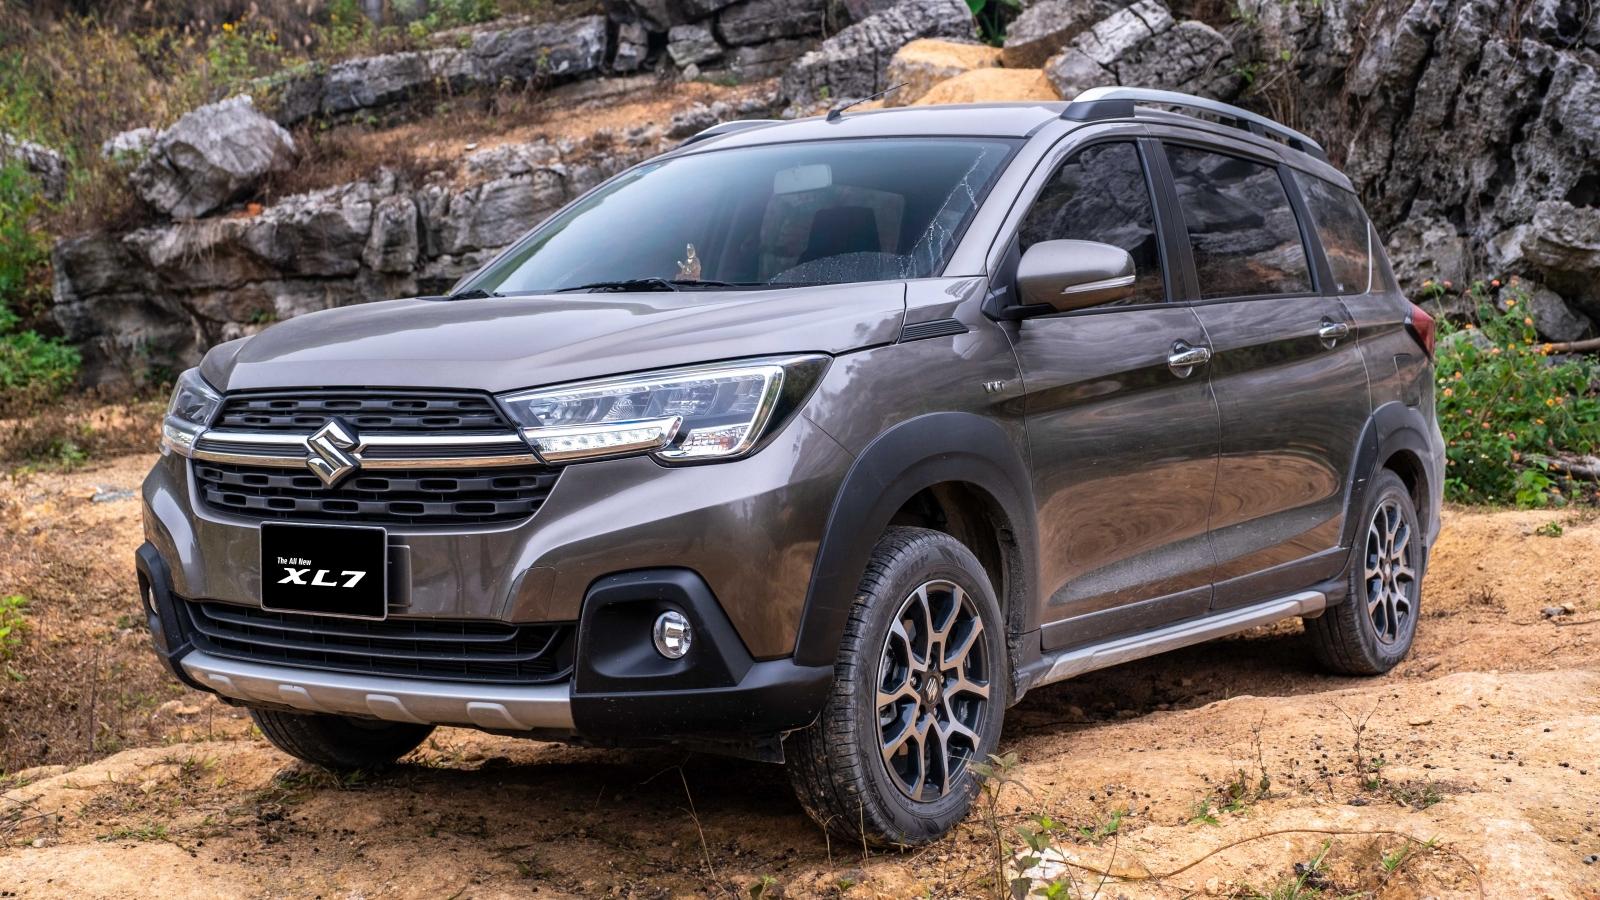 Giúp ước mơ sở hữu Suzuki XL7 gần hơn chỉ với 73,5 triệu đồng